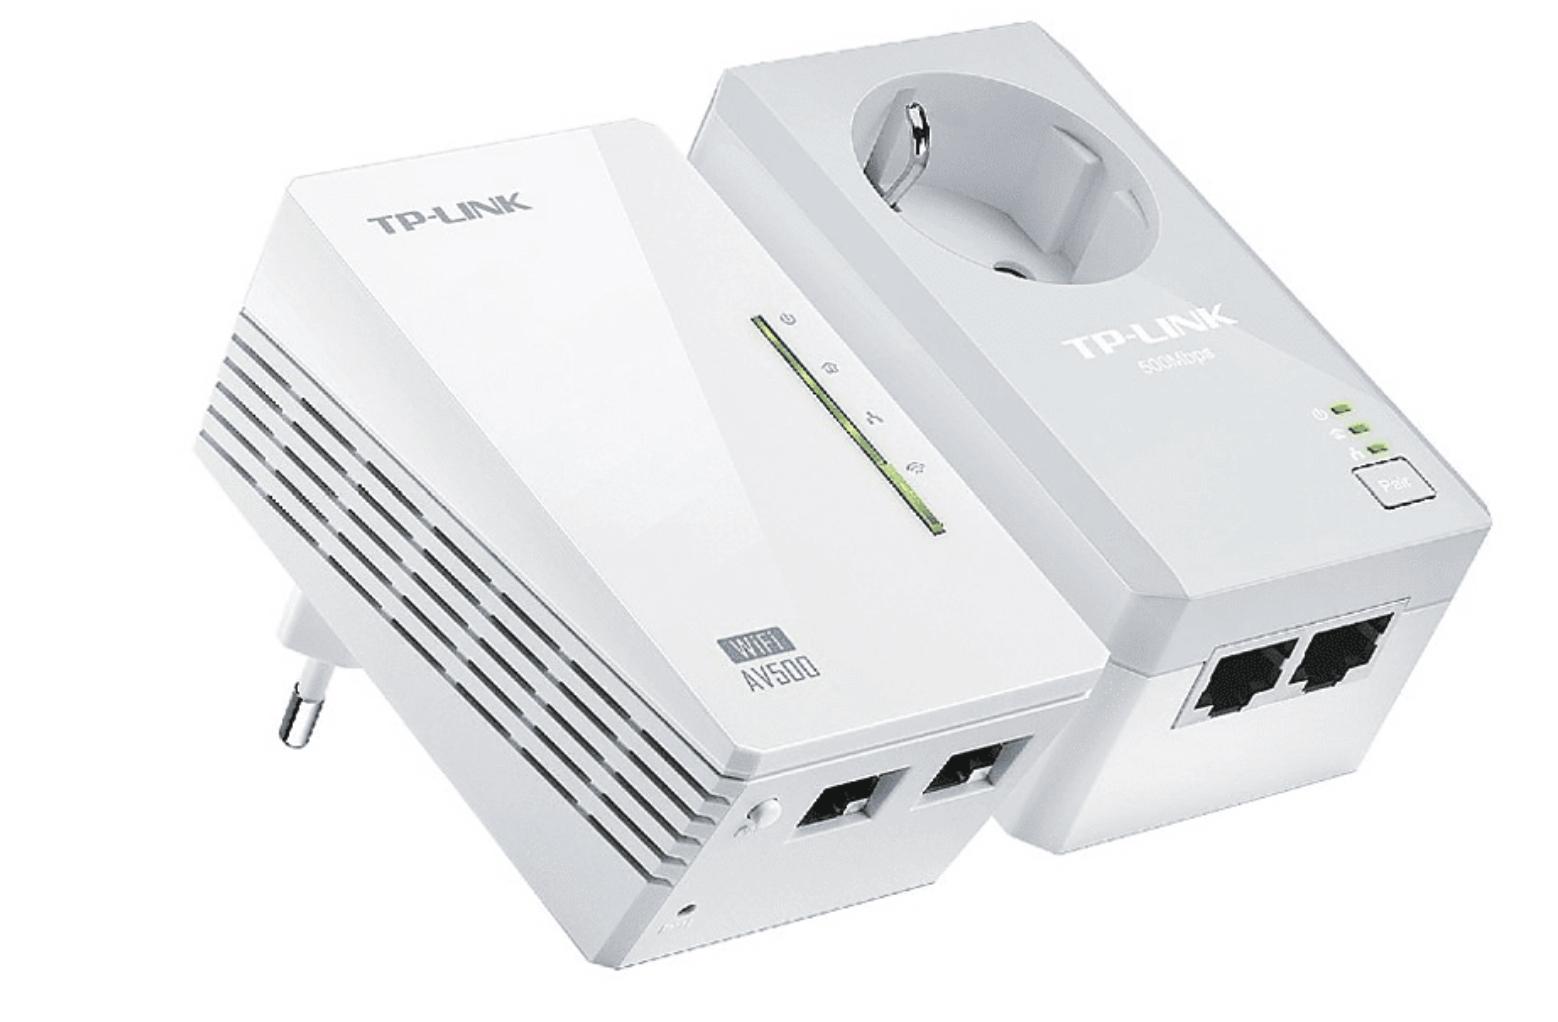 UPDATE: TP-Link WPA4226Kit Powerline bei Media Markt & Saturn. 39,74€ im Markt, 42,73€ mit Versand